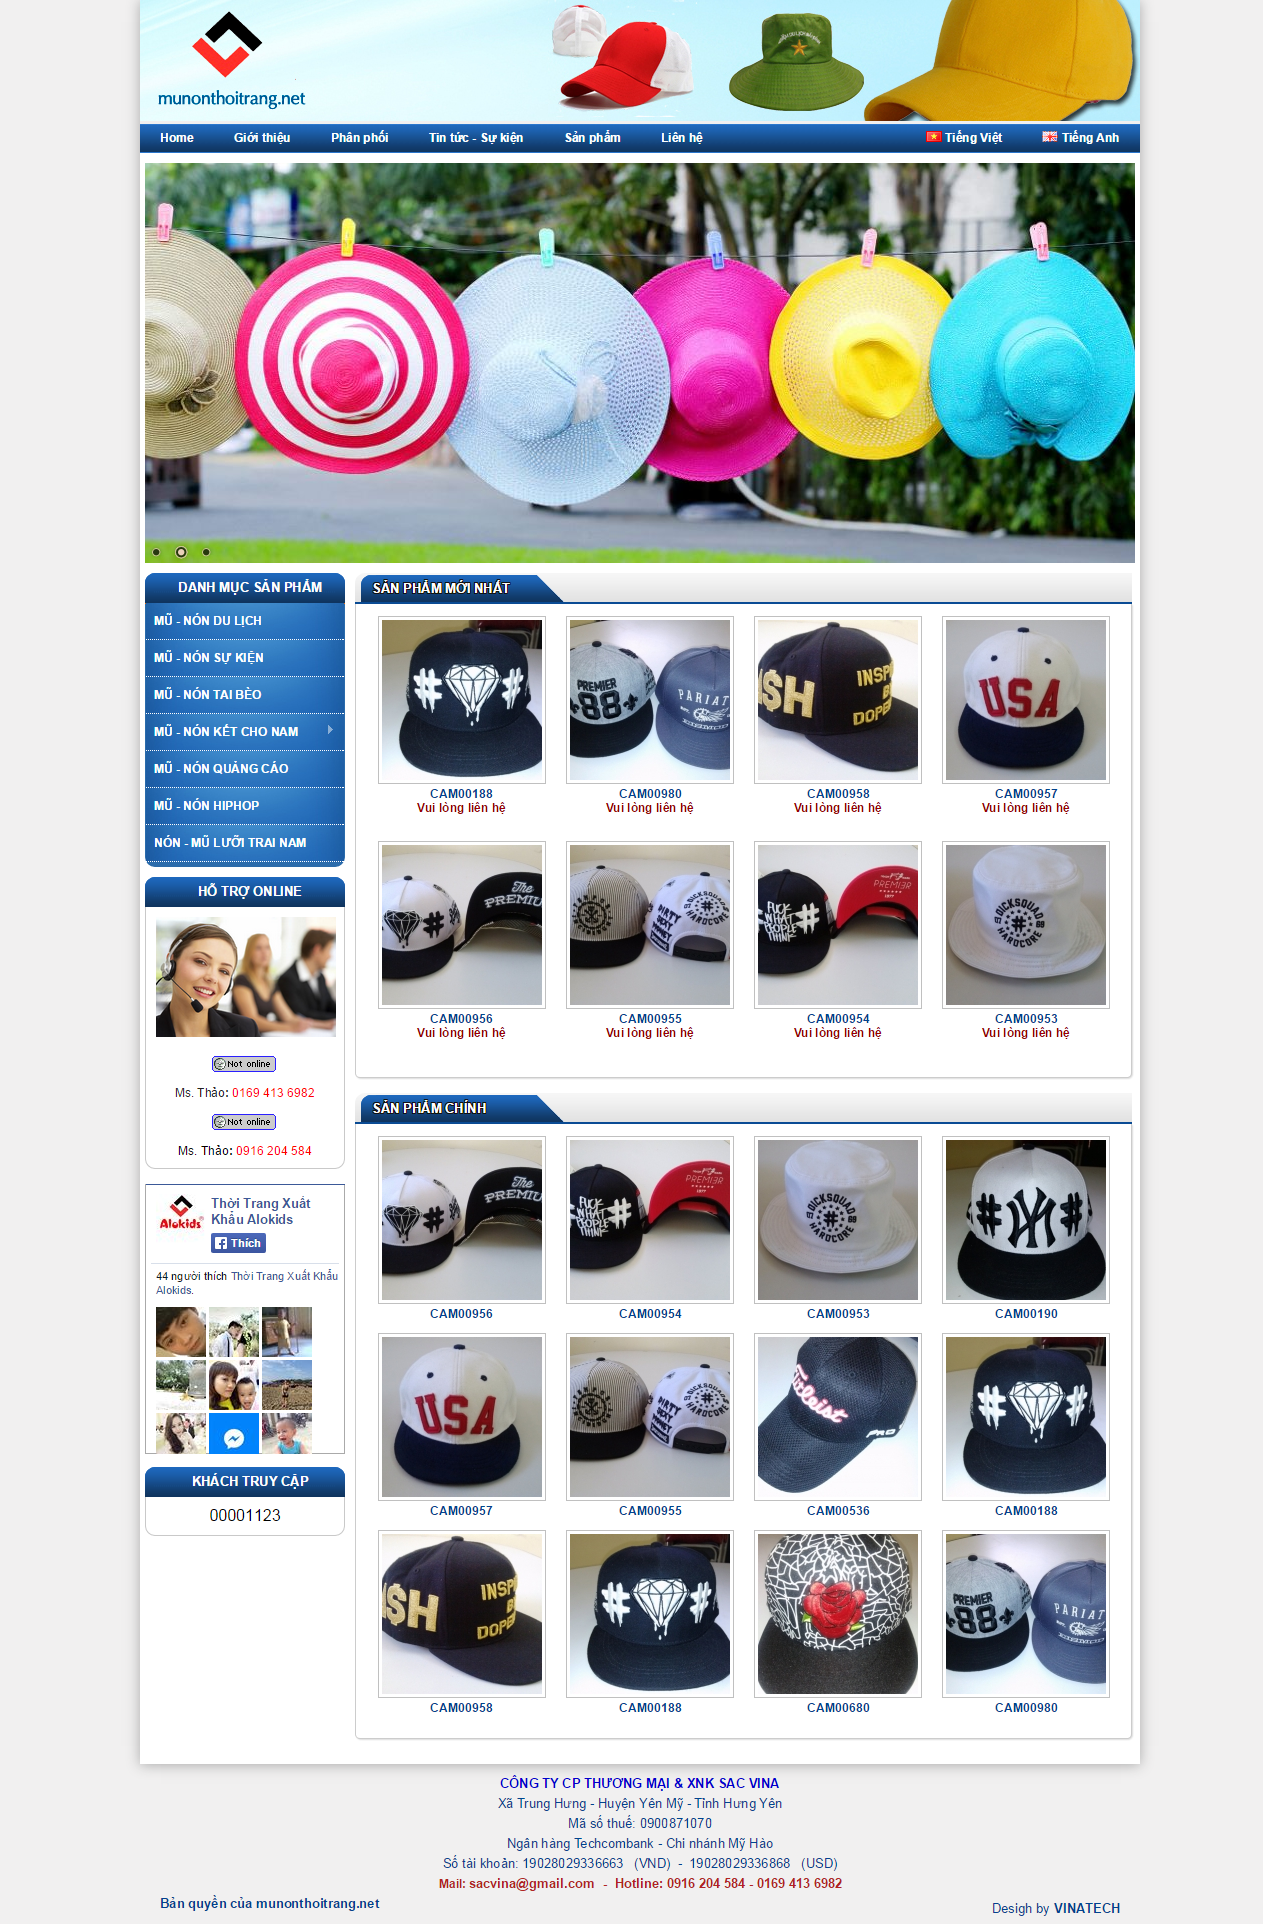 Thiết kế web giá rẻ mũ nón thời trang